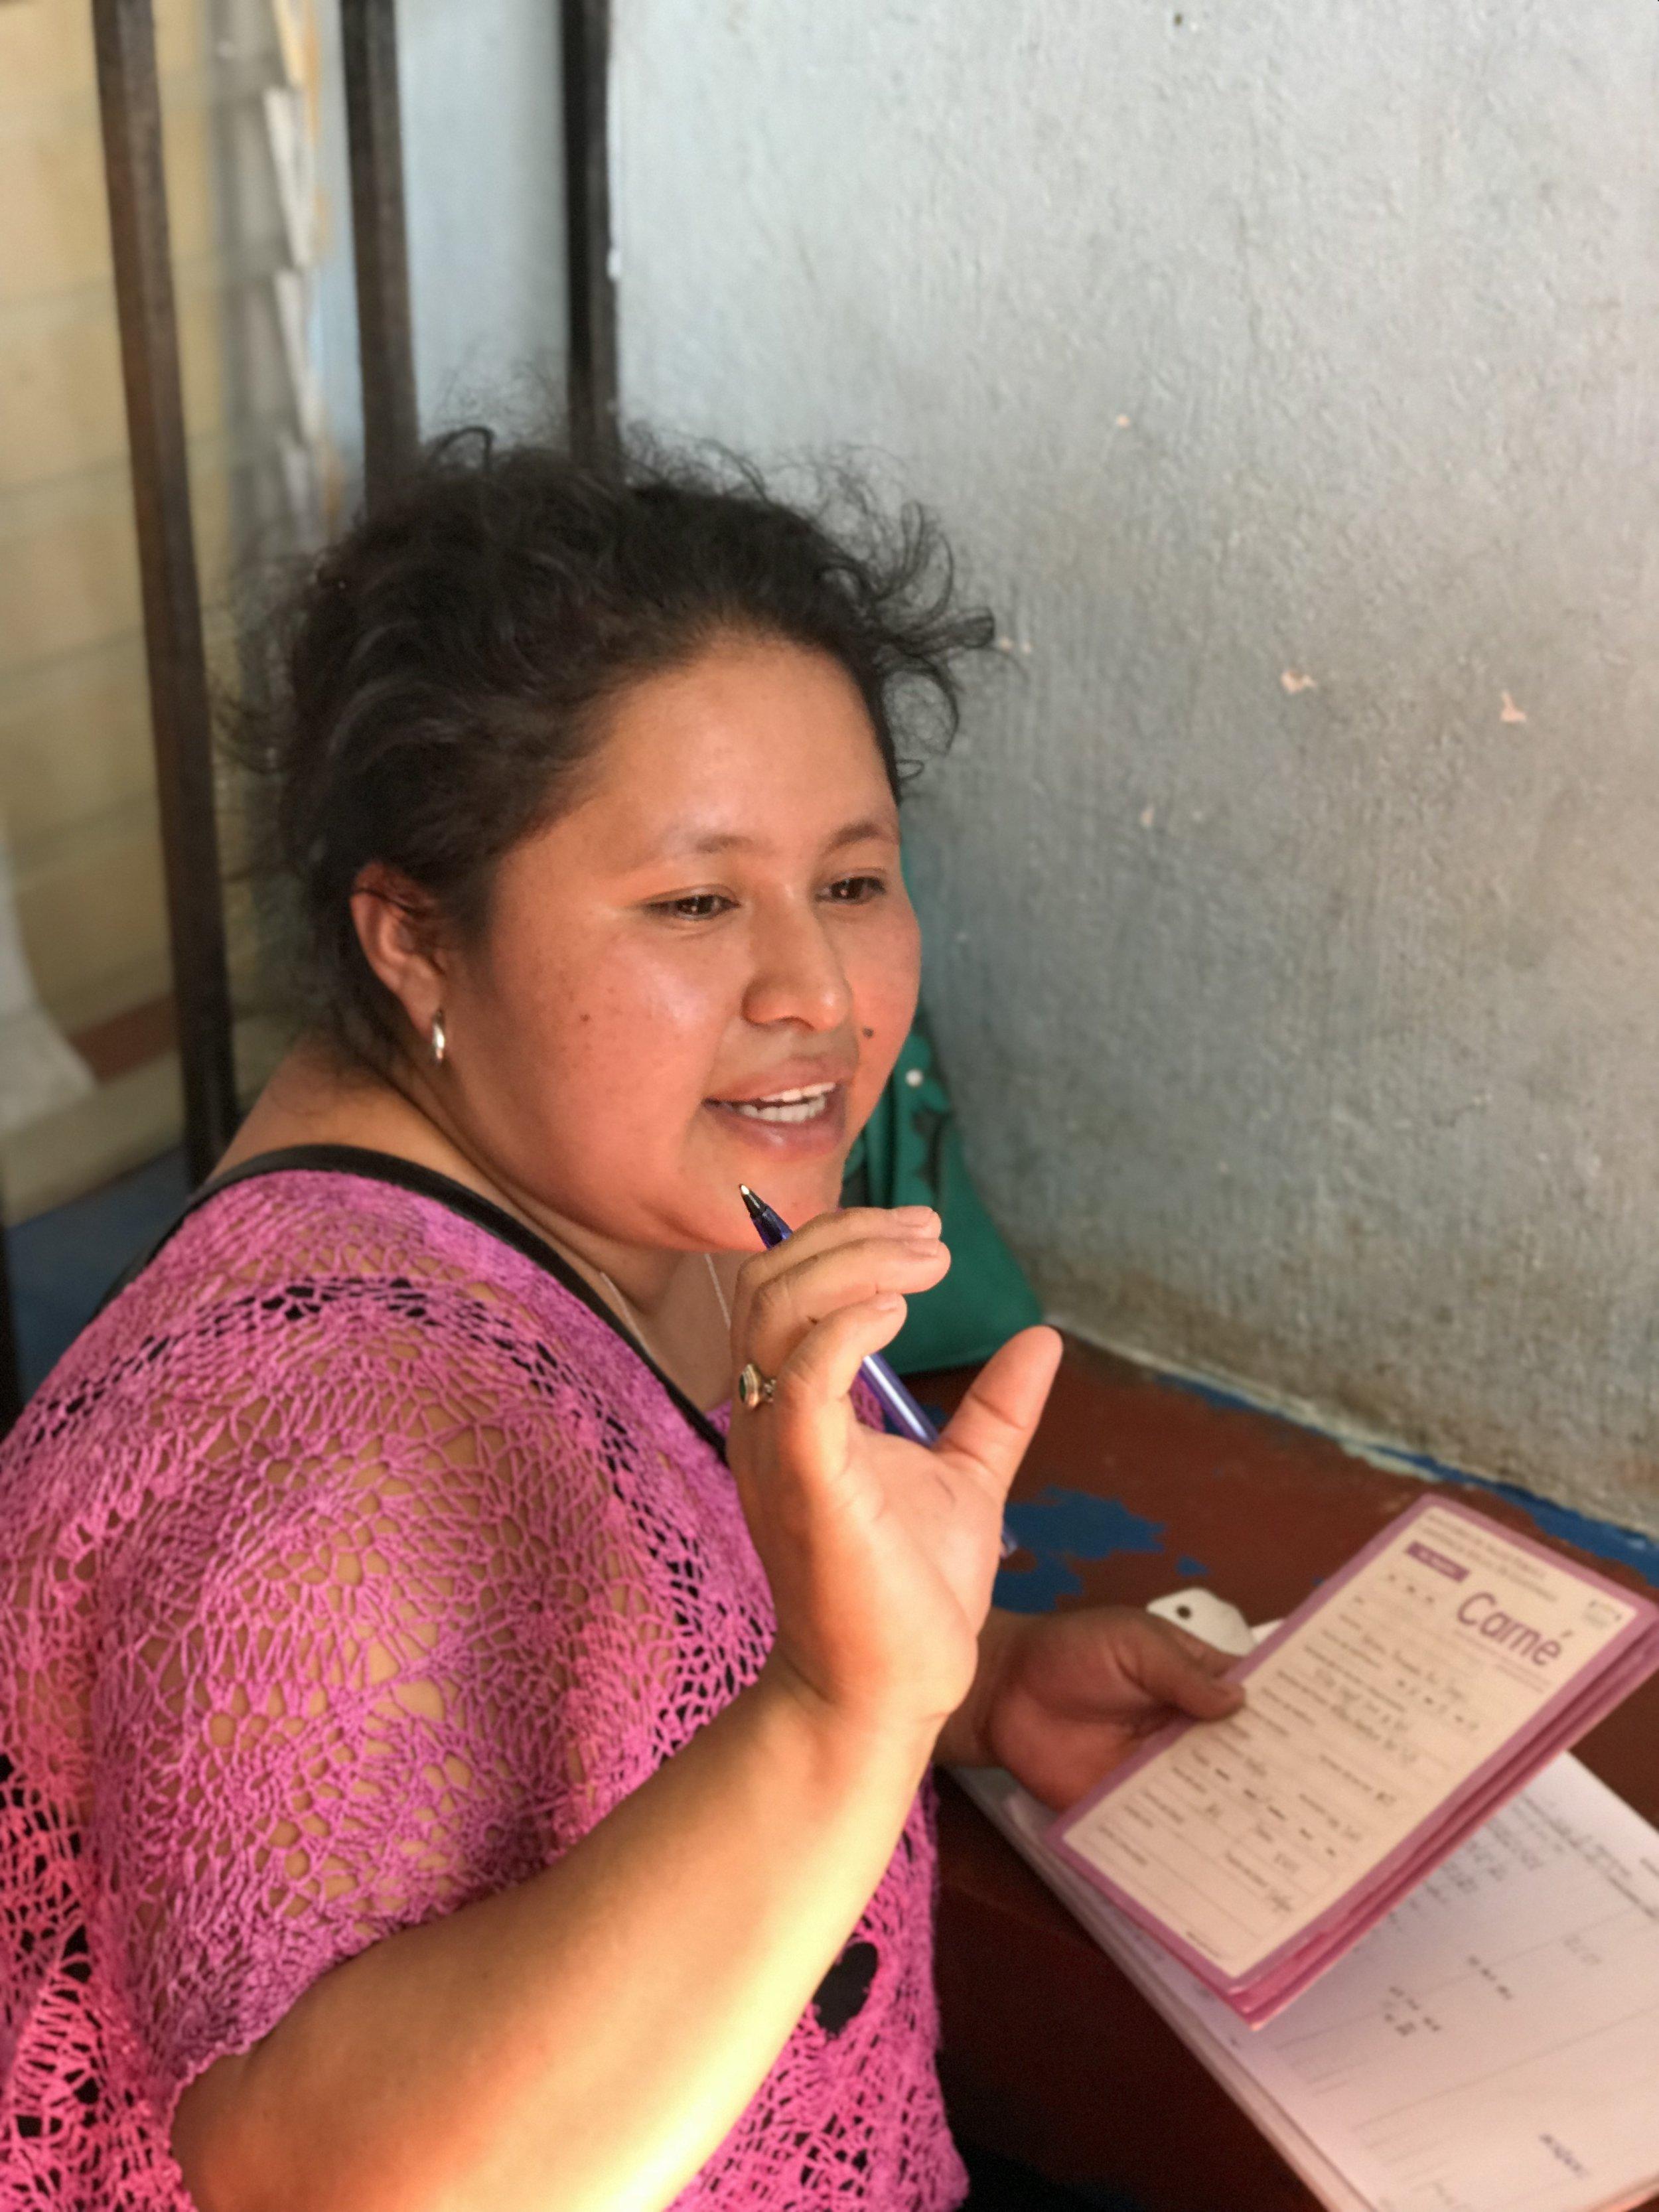 Las familias son la solución a la desnutrición crónica - Optimizamos nuestros productos basándonos en los aprendizajes de Maní+, y en las aportaciones de las familias que viven en las zonas rurales de Guatemala, las ONGs activas en salud y nutrición, así como el Instituto de Nutrición de Centroamérica y Panamá (INCAP).Muchas regiones del área rural de Guatemala son desiertos alimentarios donde la gran mayoría de las familias vive en la pobreza o en la pobreza extrema. Por lo tanto, queremos que todos nuestros productos estén LISTOs para comer, de modo que las mamás no tengan que gastar en leña para cocinarlo o diluirlo el producto (y los micronutrientes) para ahorrarlo.Todos los productos serán muy asequibles y, a medio plazo, accesibles en todas las tiendas del interior del país.